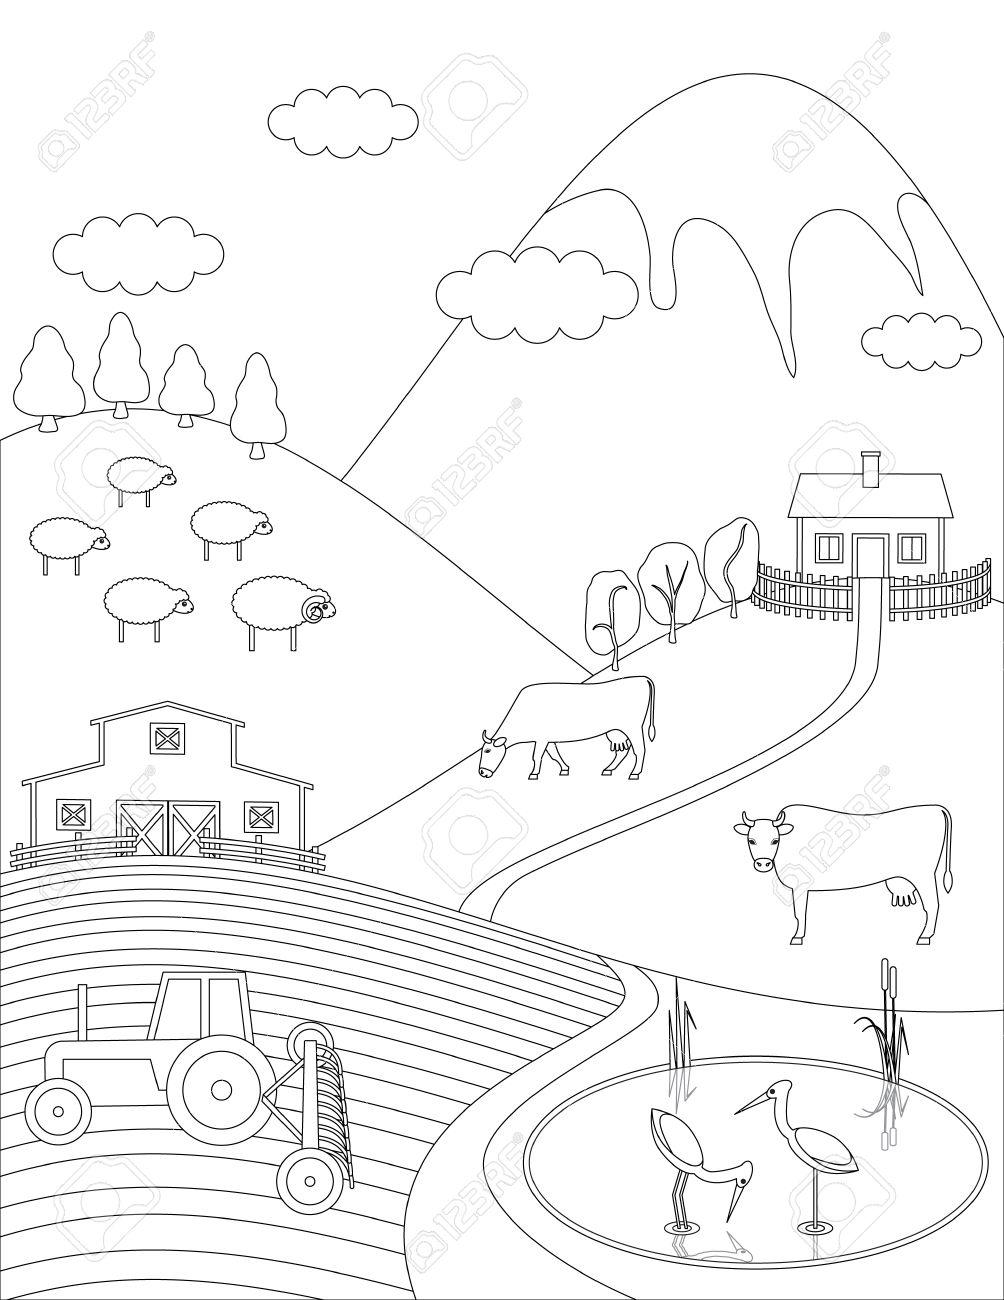 Malvorlage Bauernhof Landschaft Hintergrund Vogel Tiere Baume See